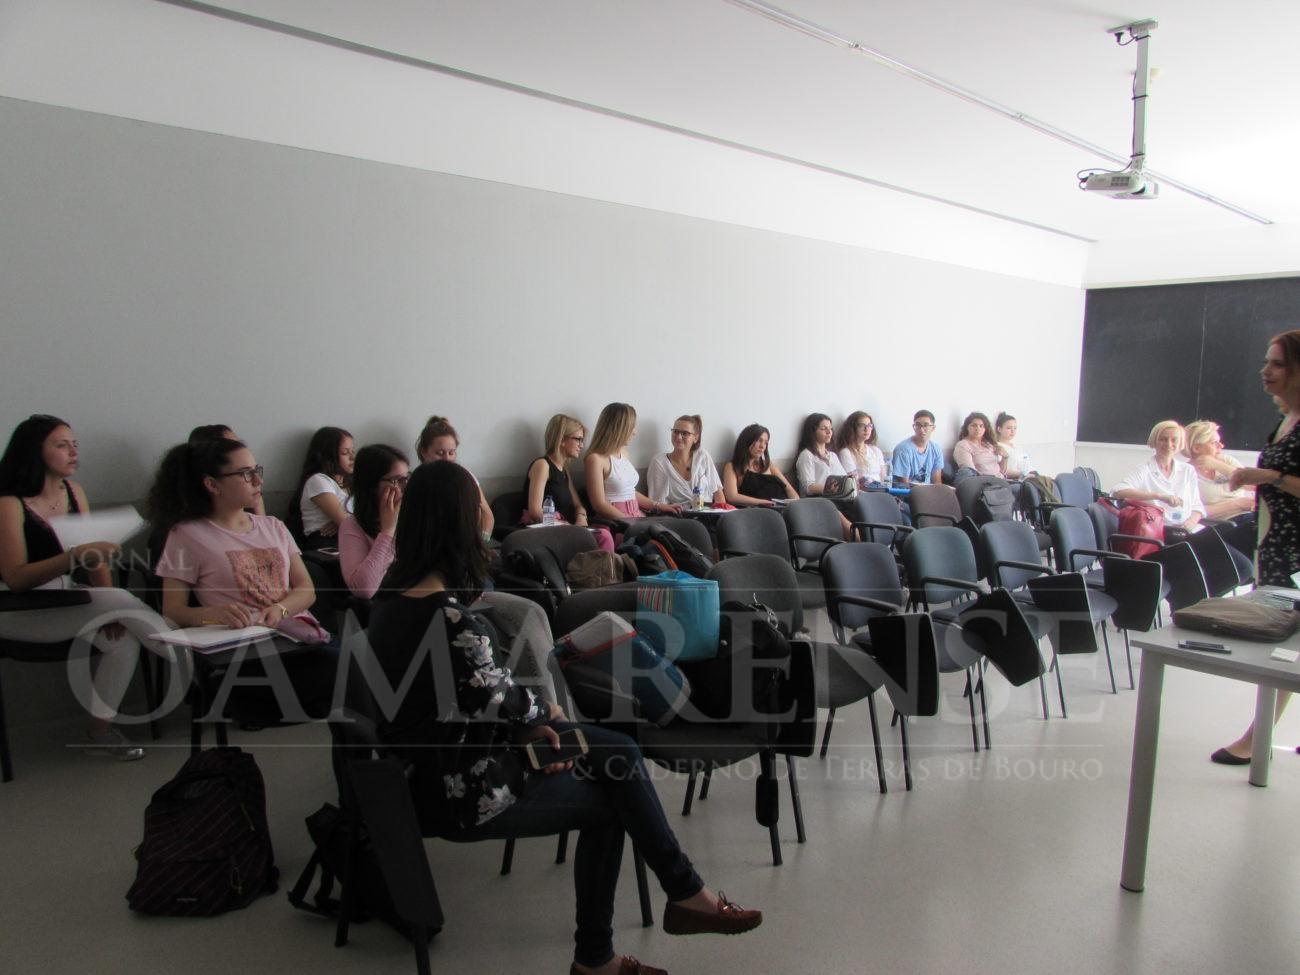 SAÚDE - Seminário sobre qualidade de vida e bem-estar decorreu esta segunda-feira ano ISAVE